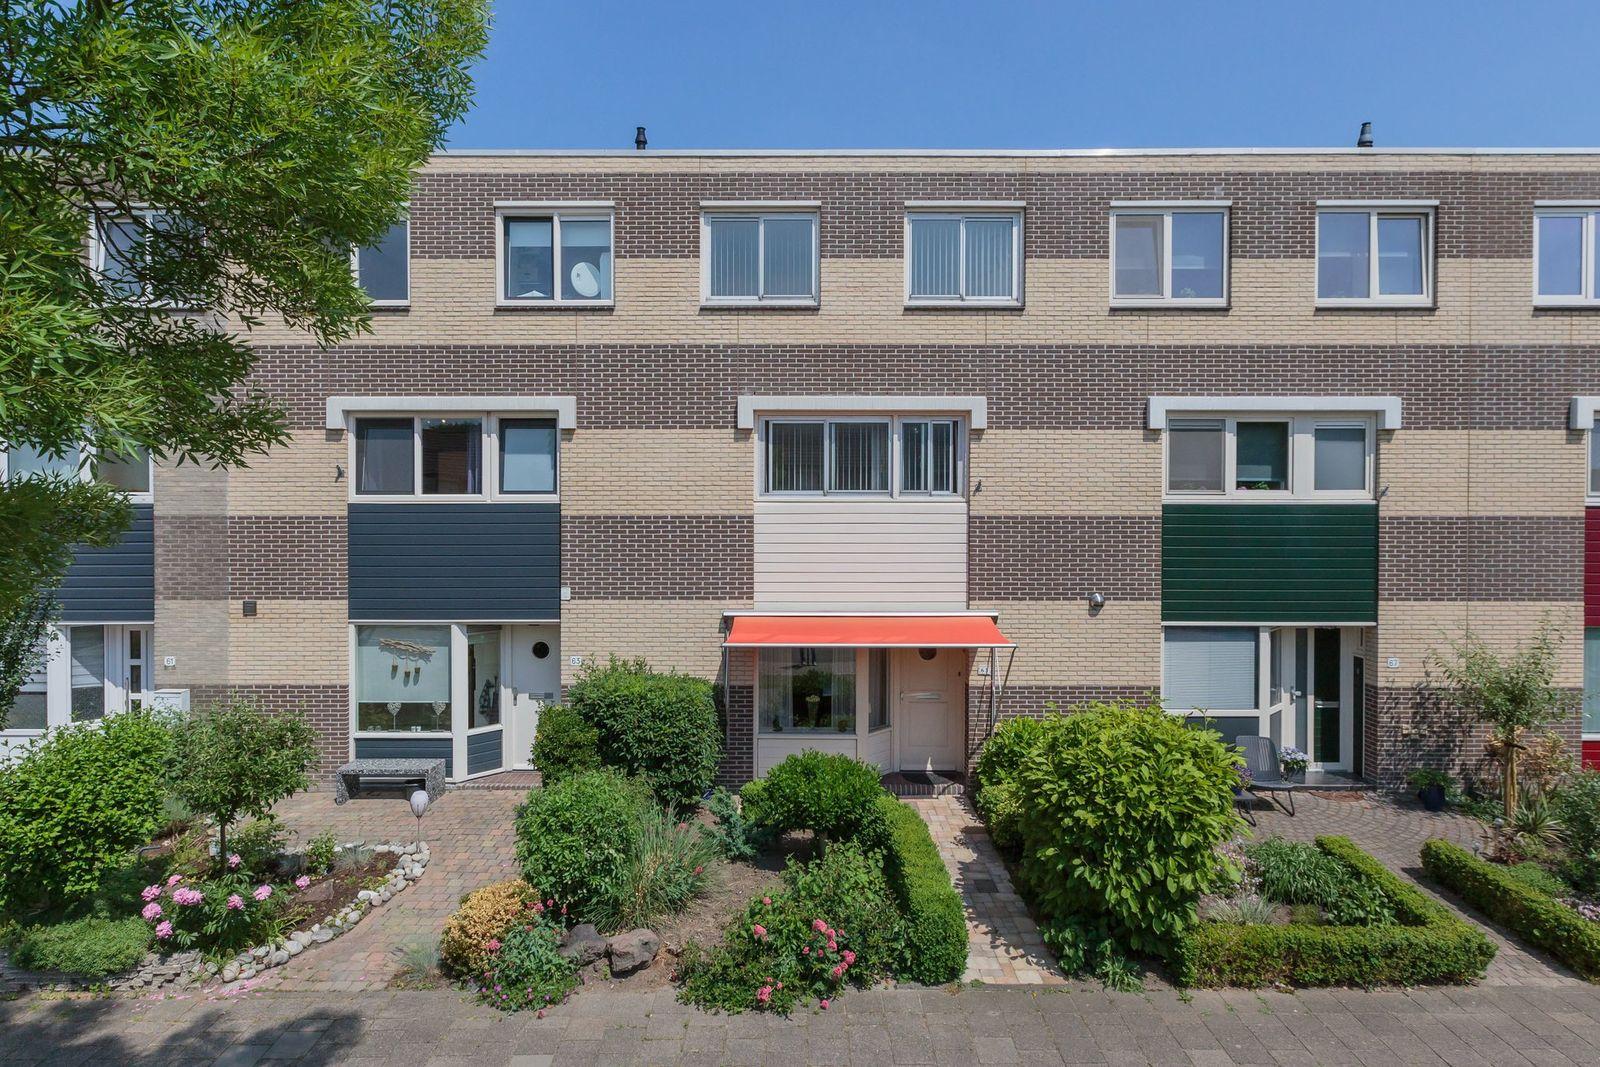 Binkhorst 65, Alphen Aan Den Rijn